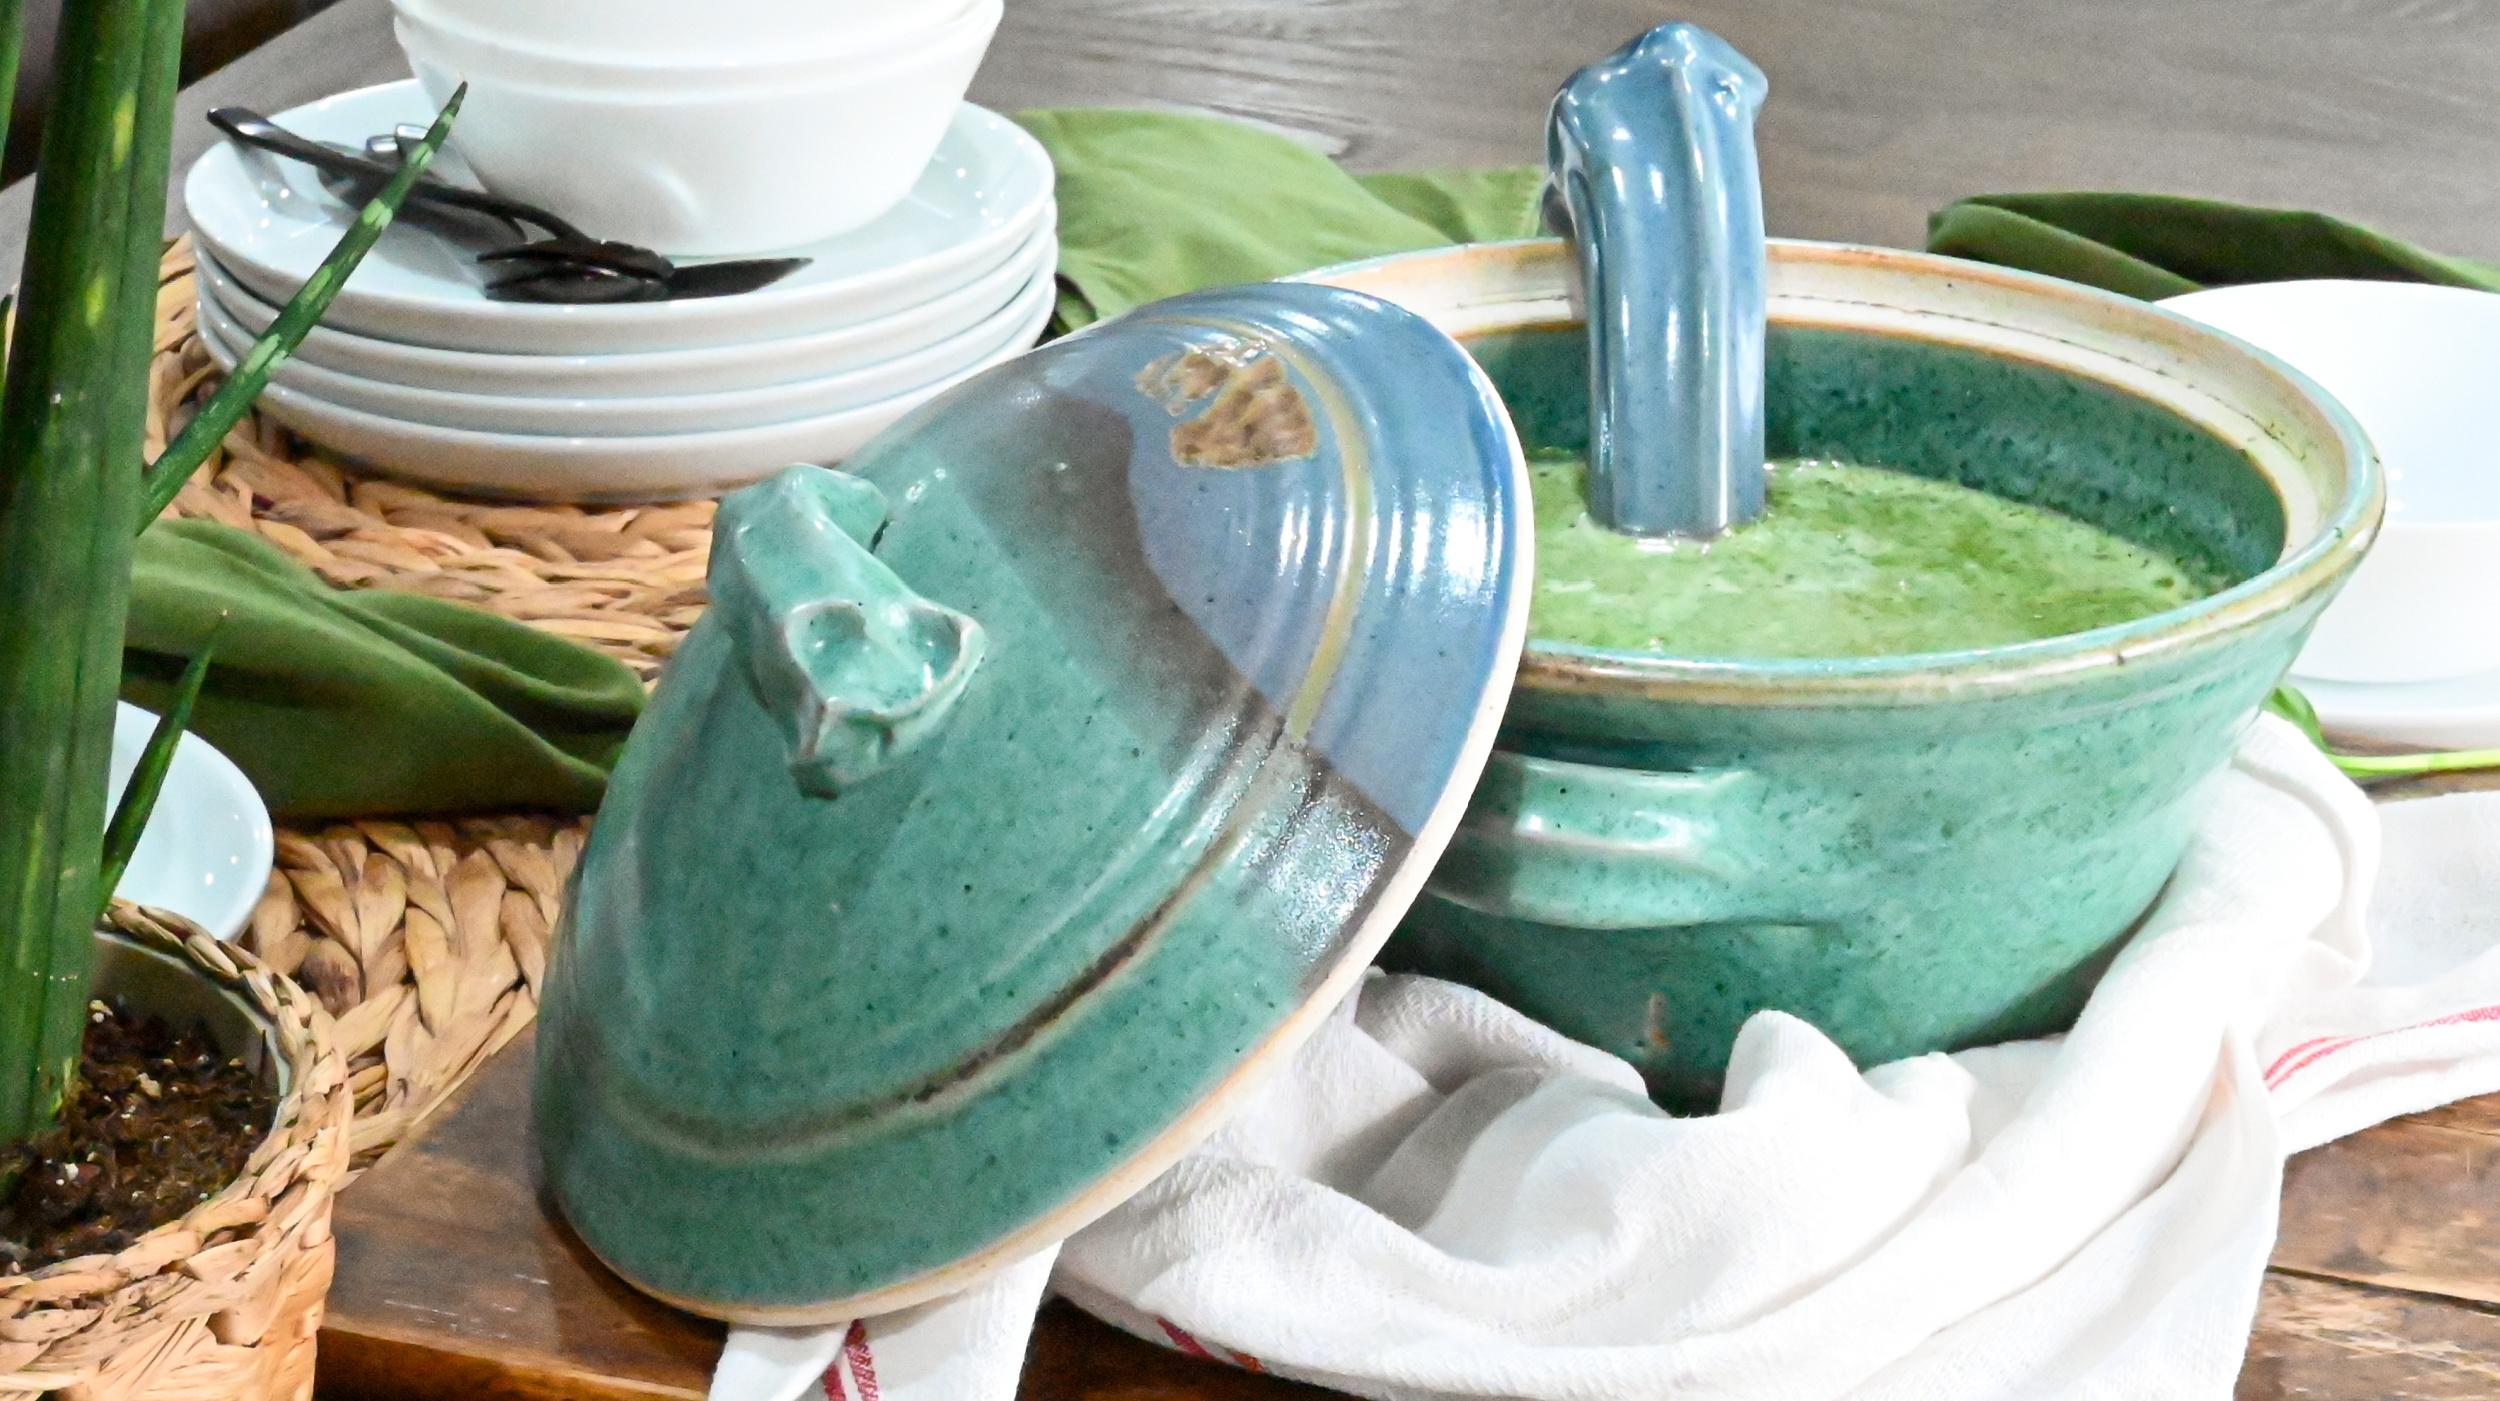 keto spinach soup ready to serveketo spinach soup ready to serve